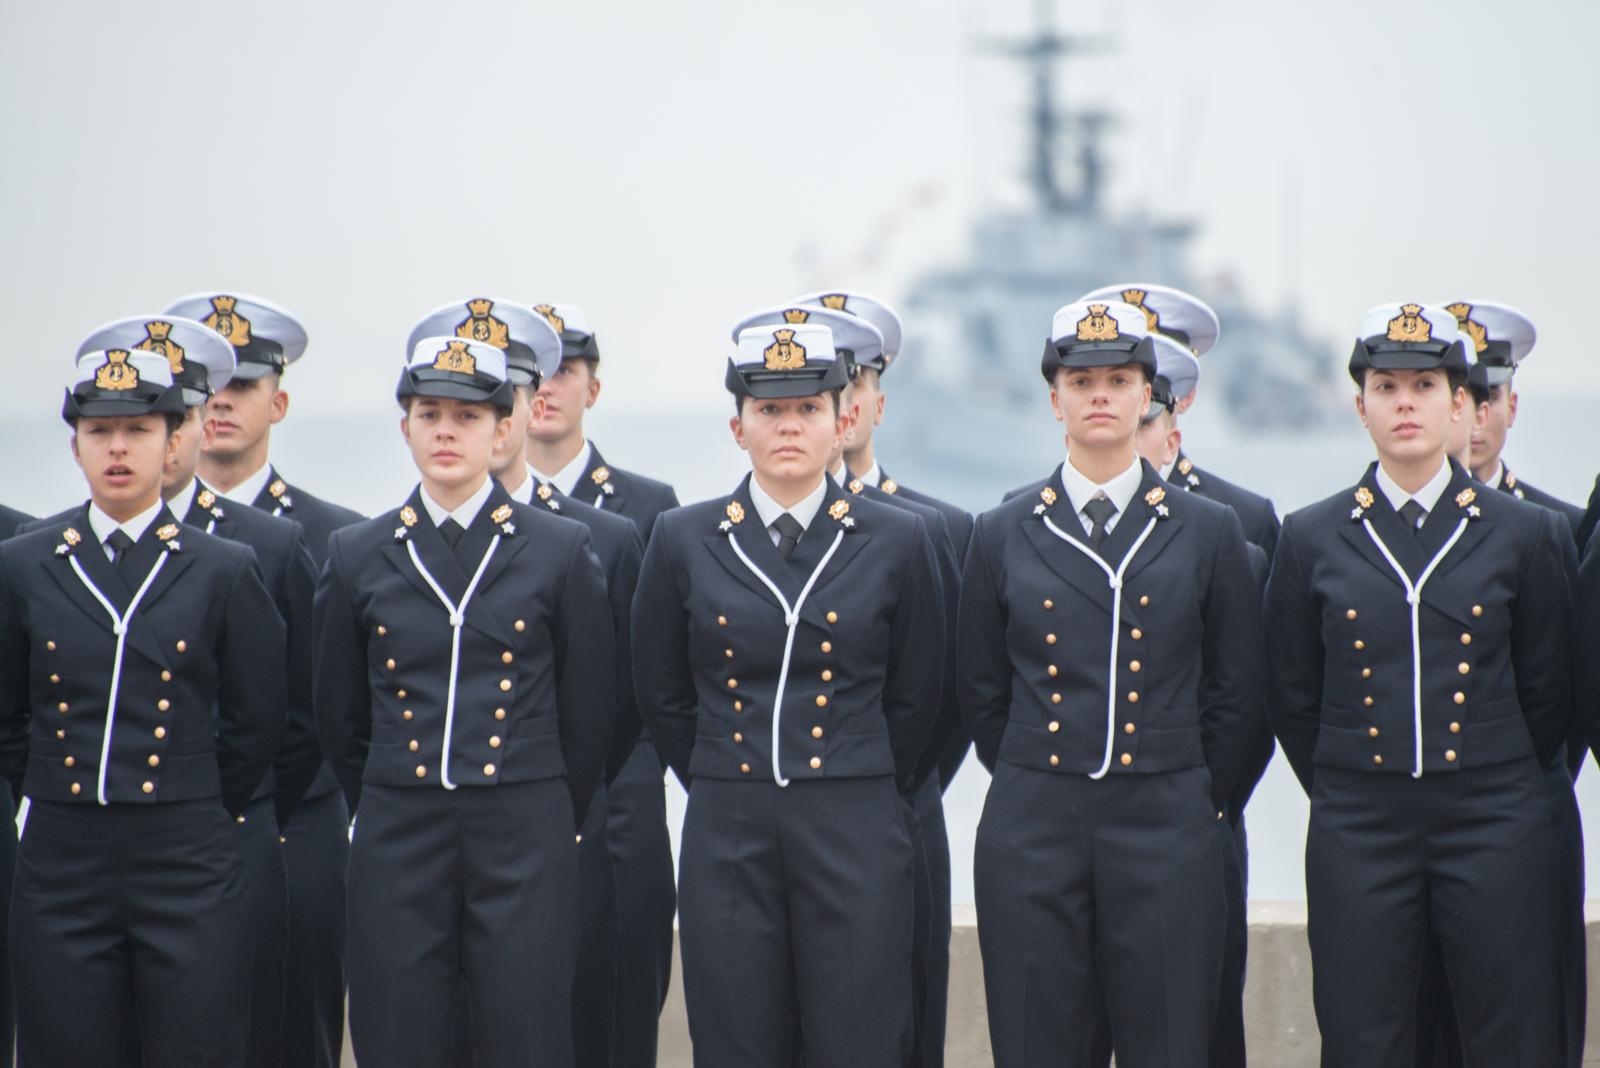 C'è anche un piemontese tra i cadetti dell'Accademia Navale di Livorno